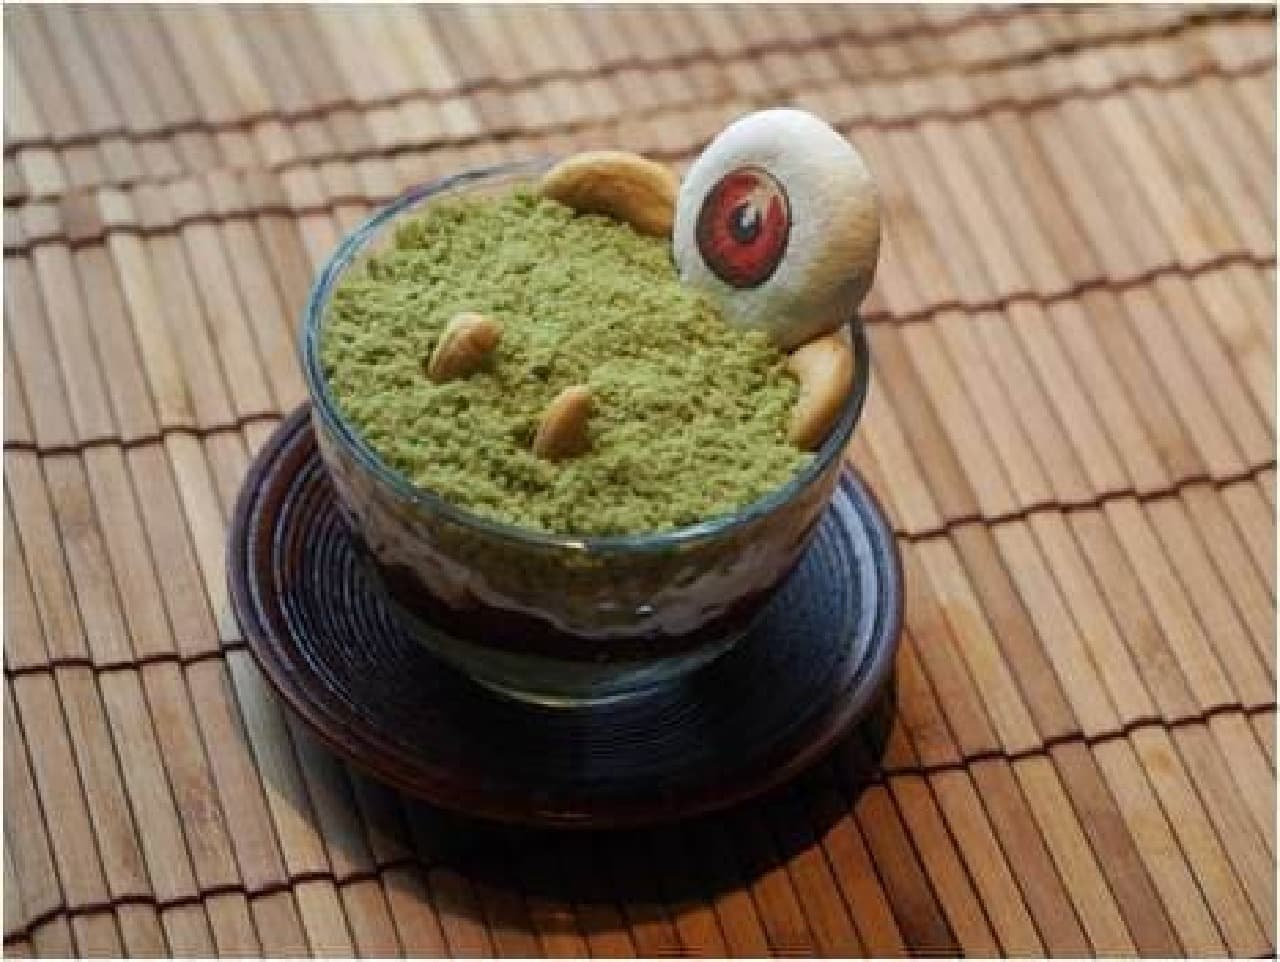 ハンズカフェゲゲゲの鬼太郎コラボメニュー 「目玉おやじ」の抹茶パフェ